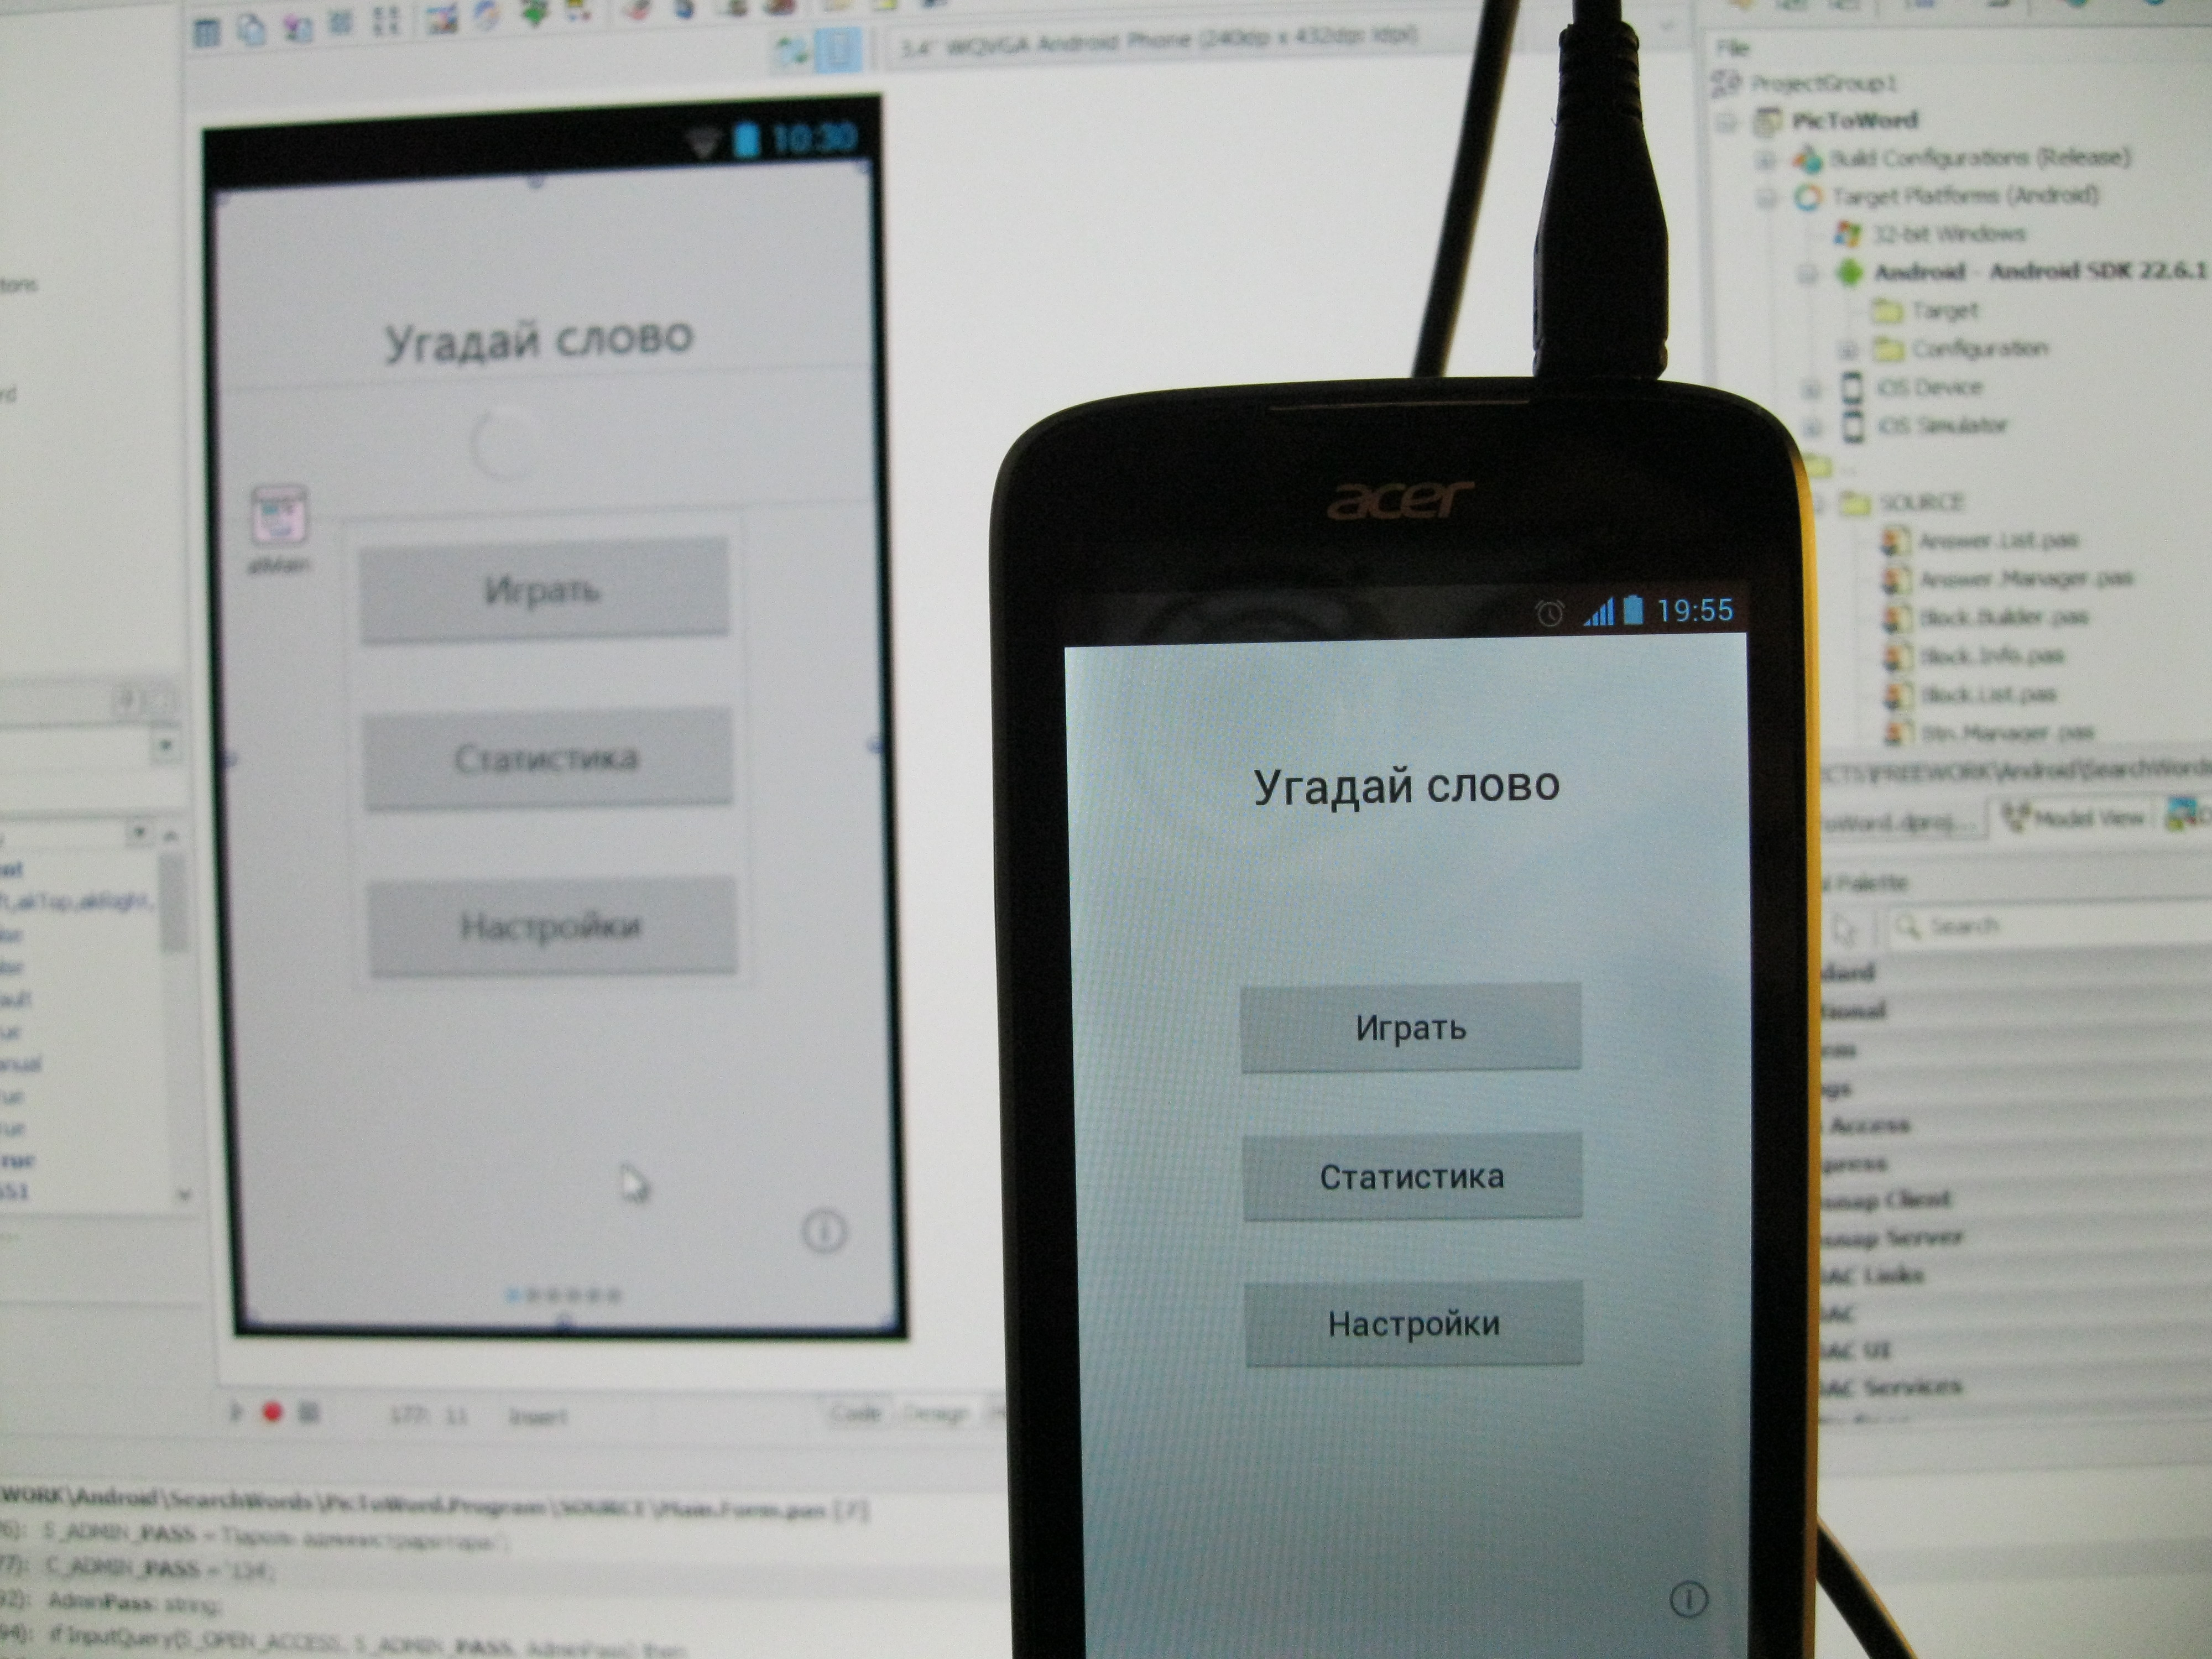 Delphi - мобильная разработка